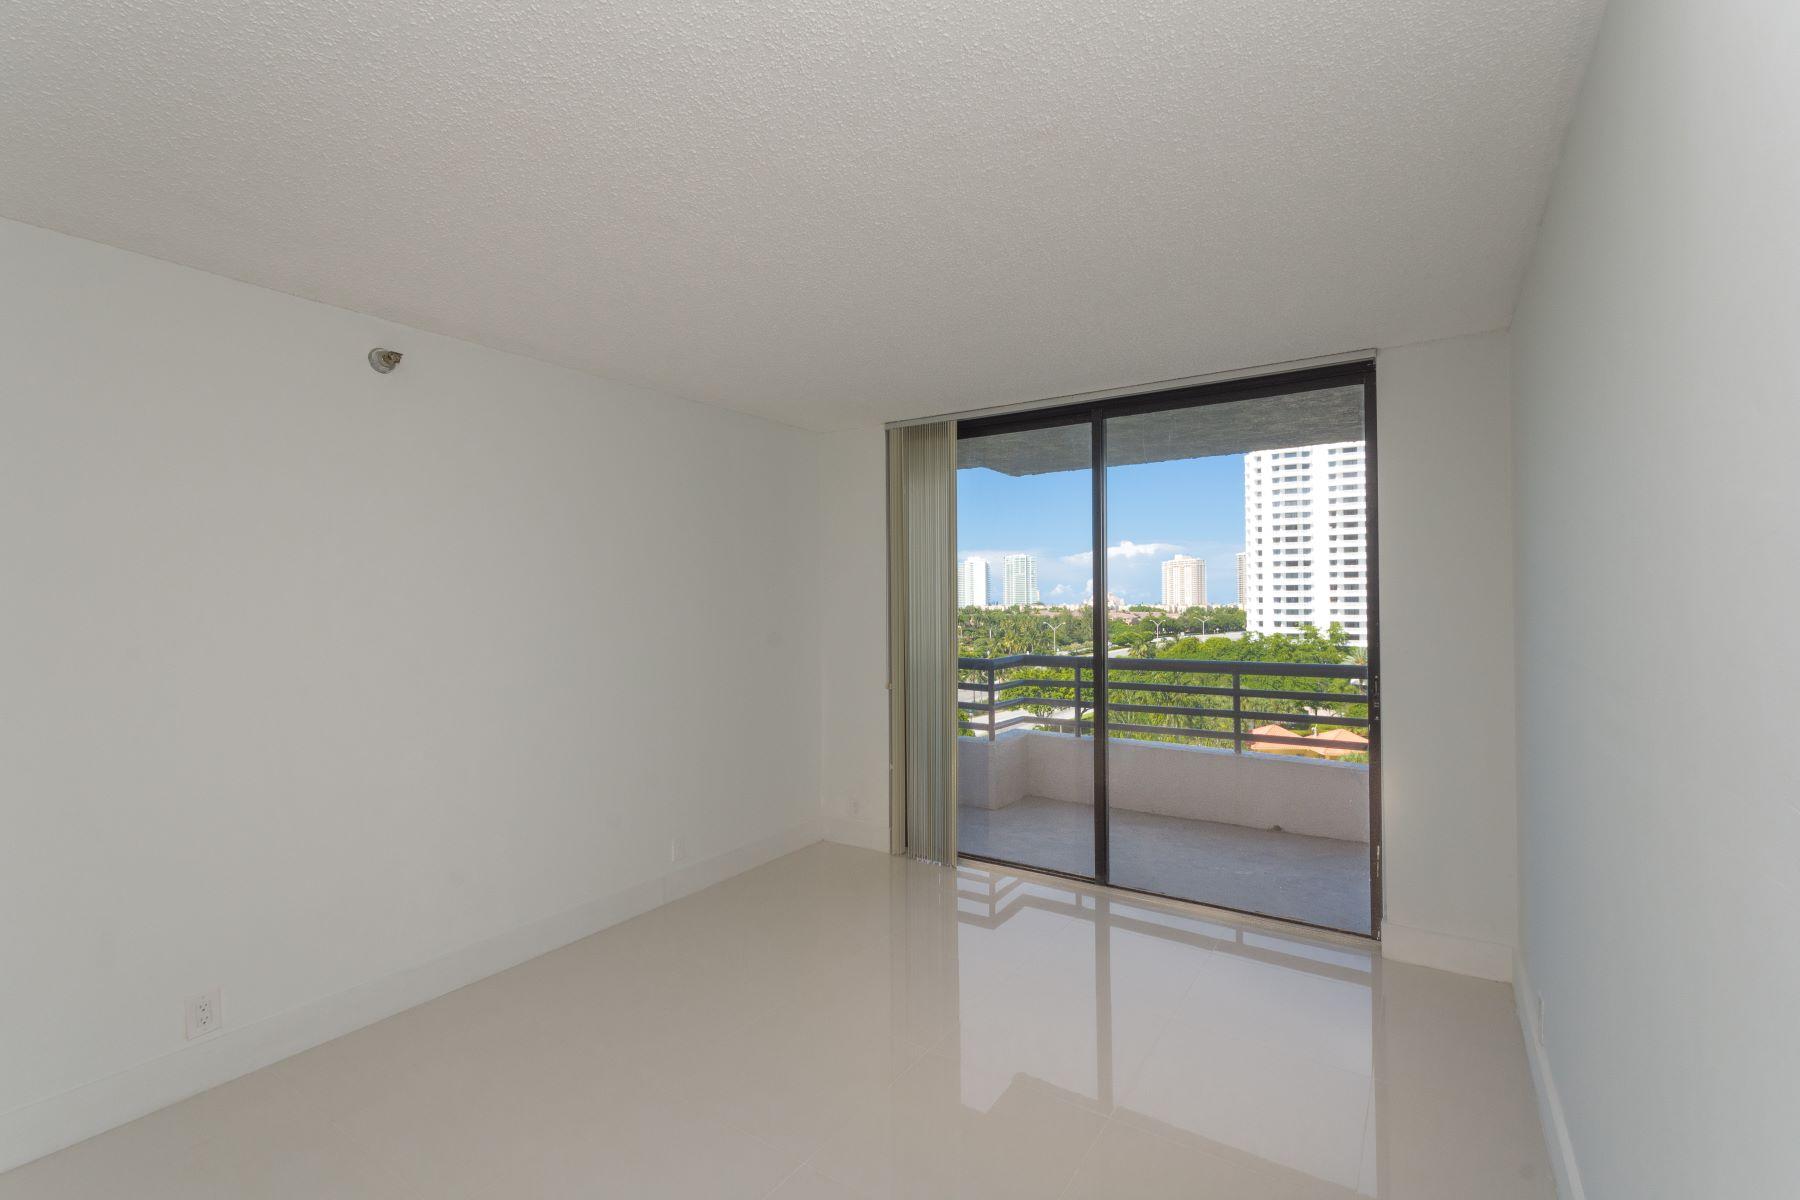 Condominium for Sale at 3300 Ne 191st St 3300 Ne 191st St 809 Aventura, Florida 33180 United States